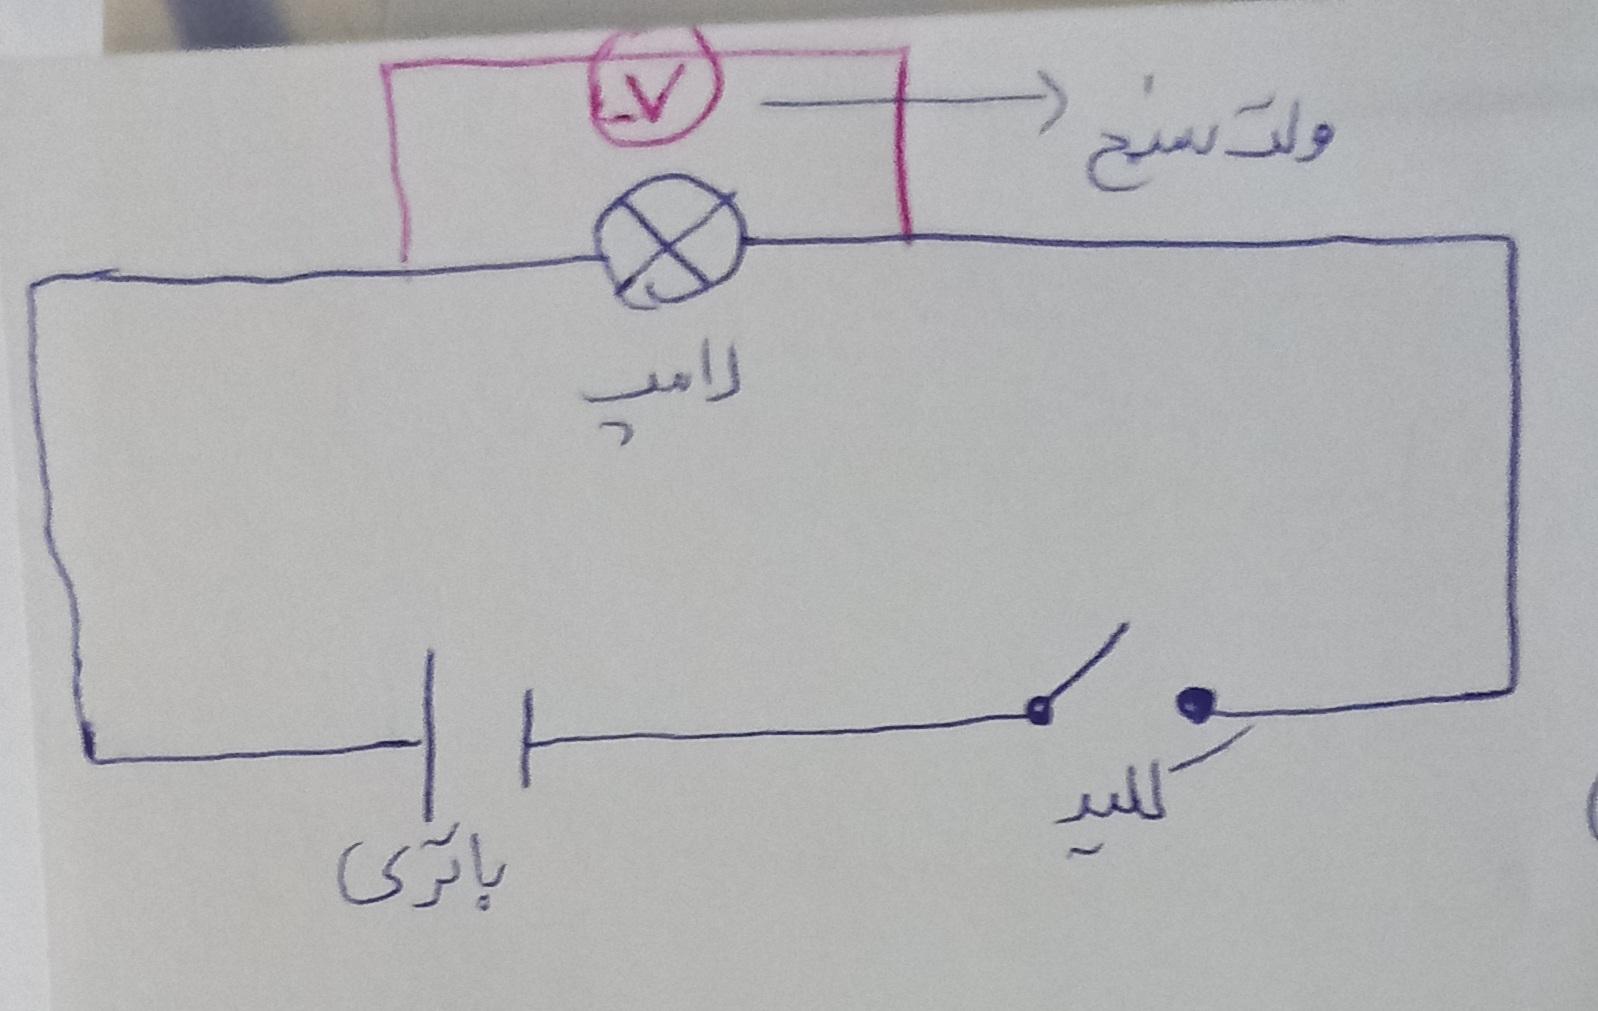 تصویر ضمیمه سوال: ایا ولت سنج در مدار به درستی قرار گرفته است؟